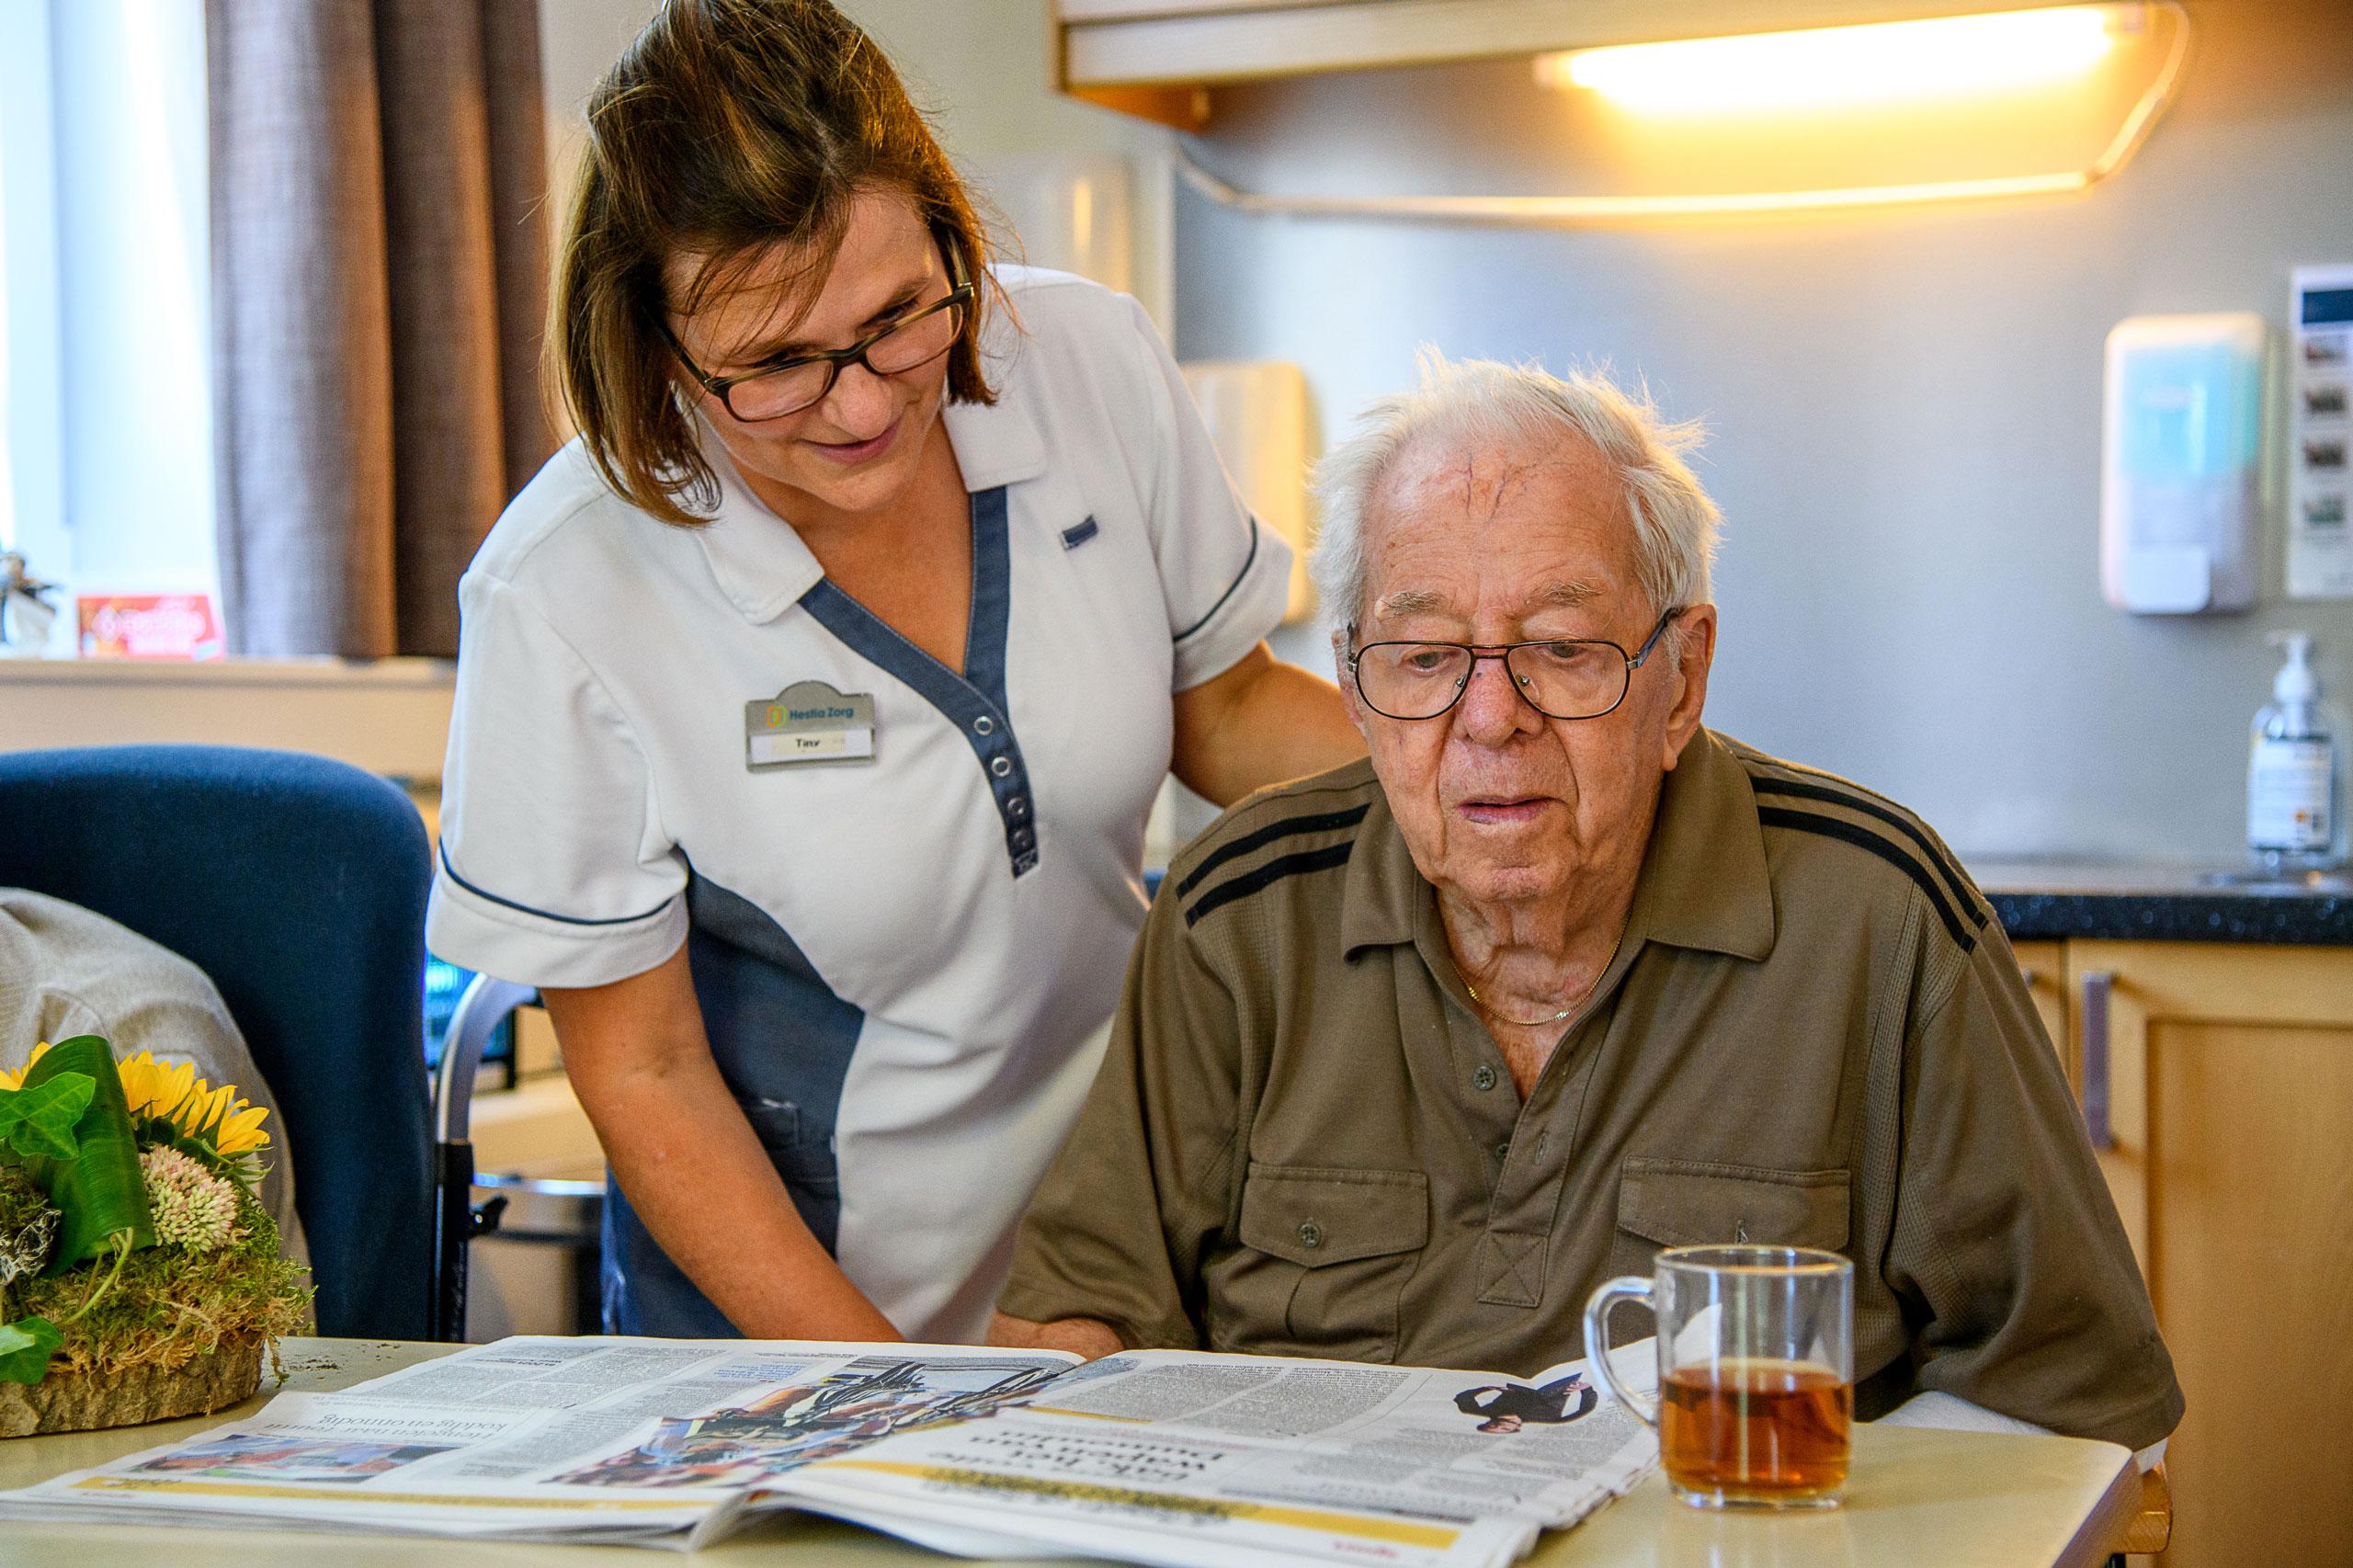 Begeleider ondersteunt dementerende ouder met het doornemen van de krant